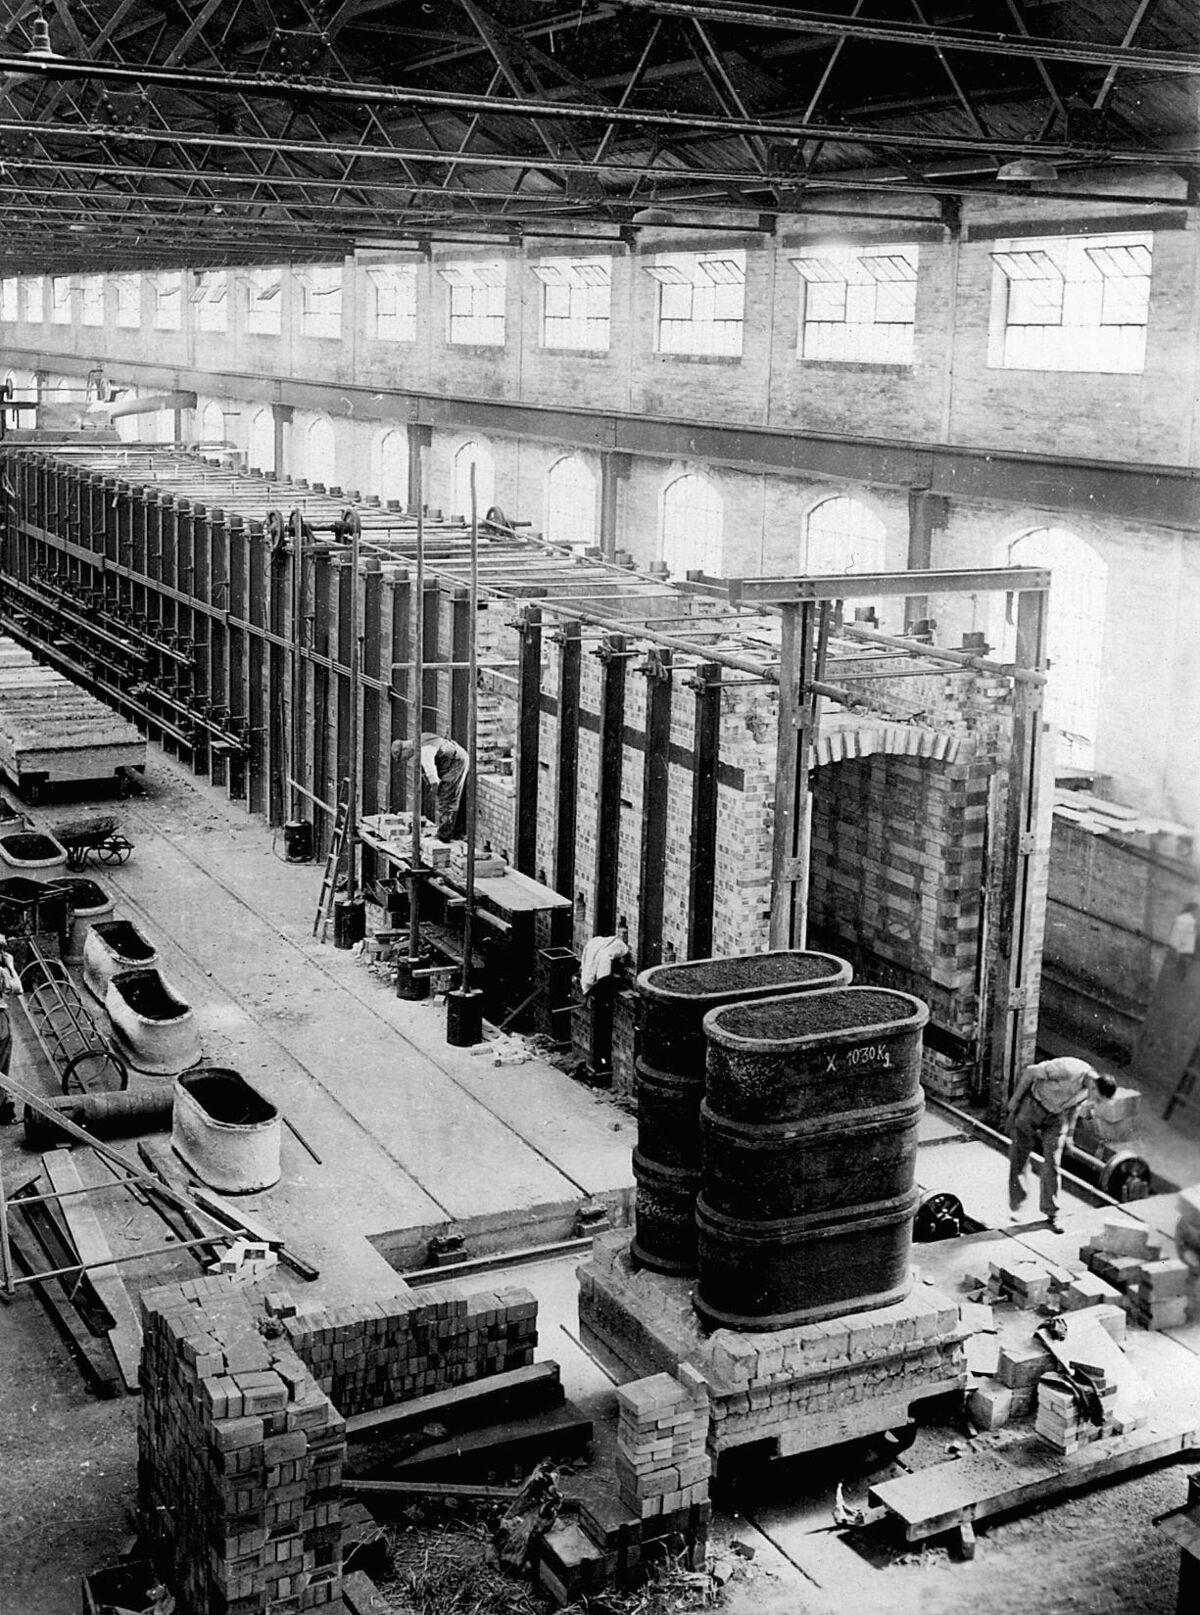 GFA 21/189.2: Aufnahmen des Werkes Bedford